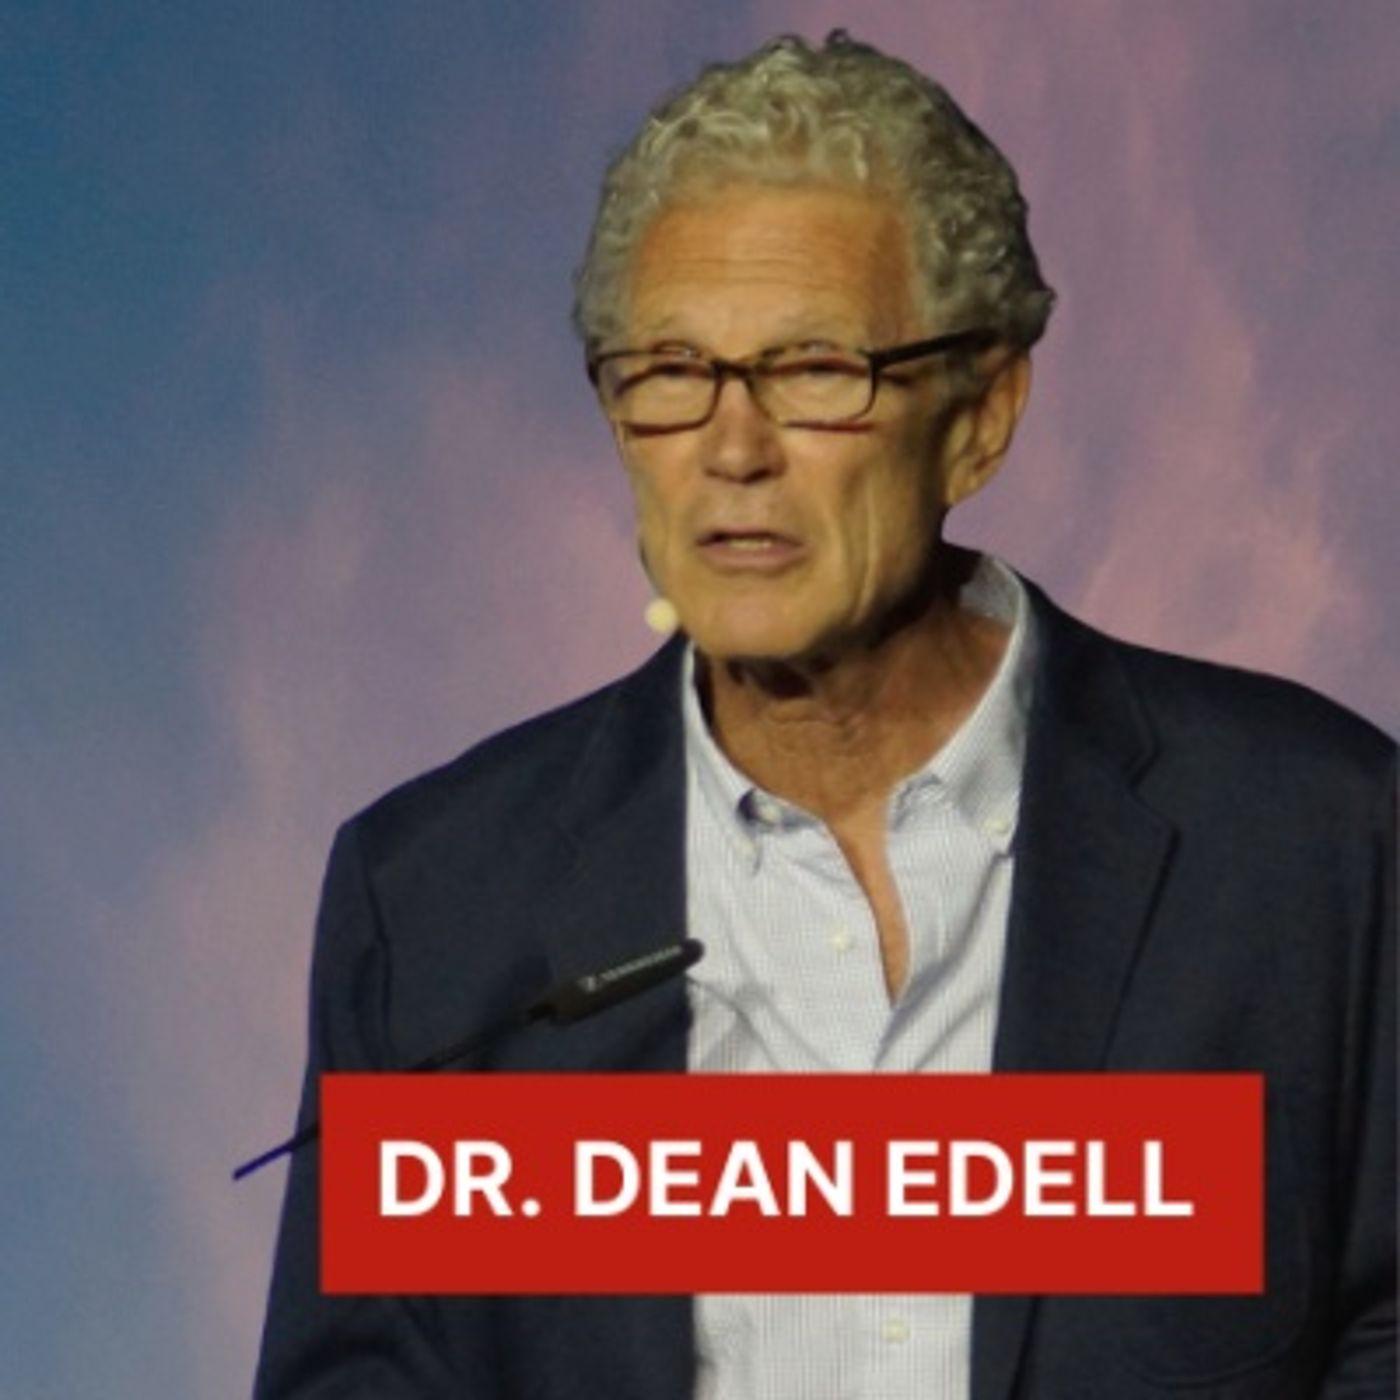 Dr. Dean Edell